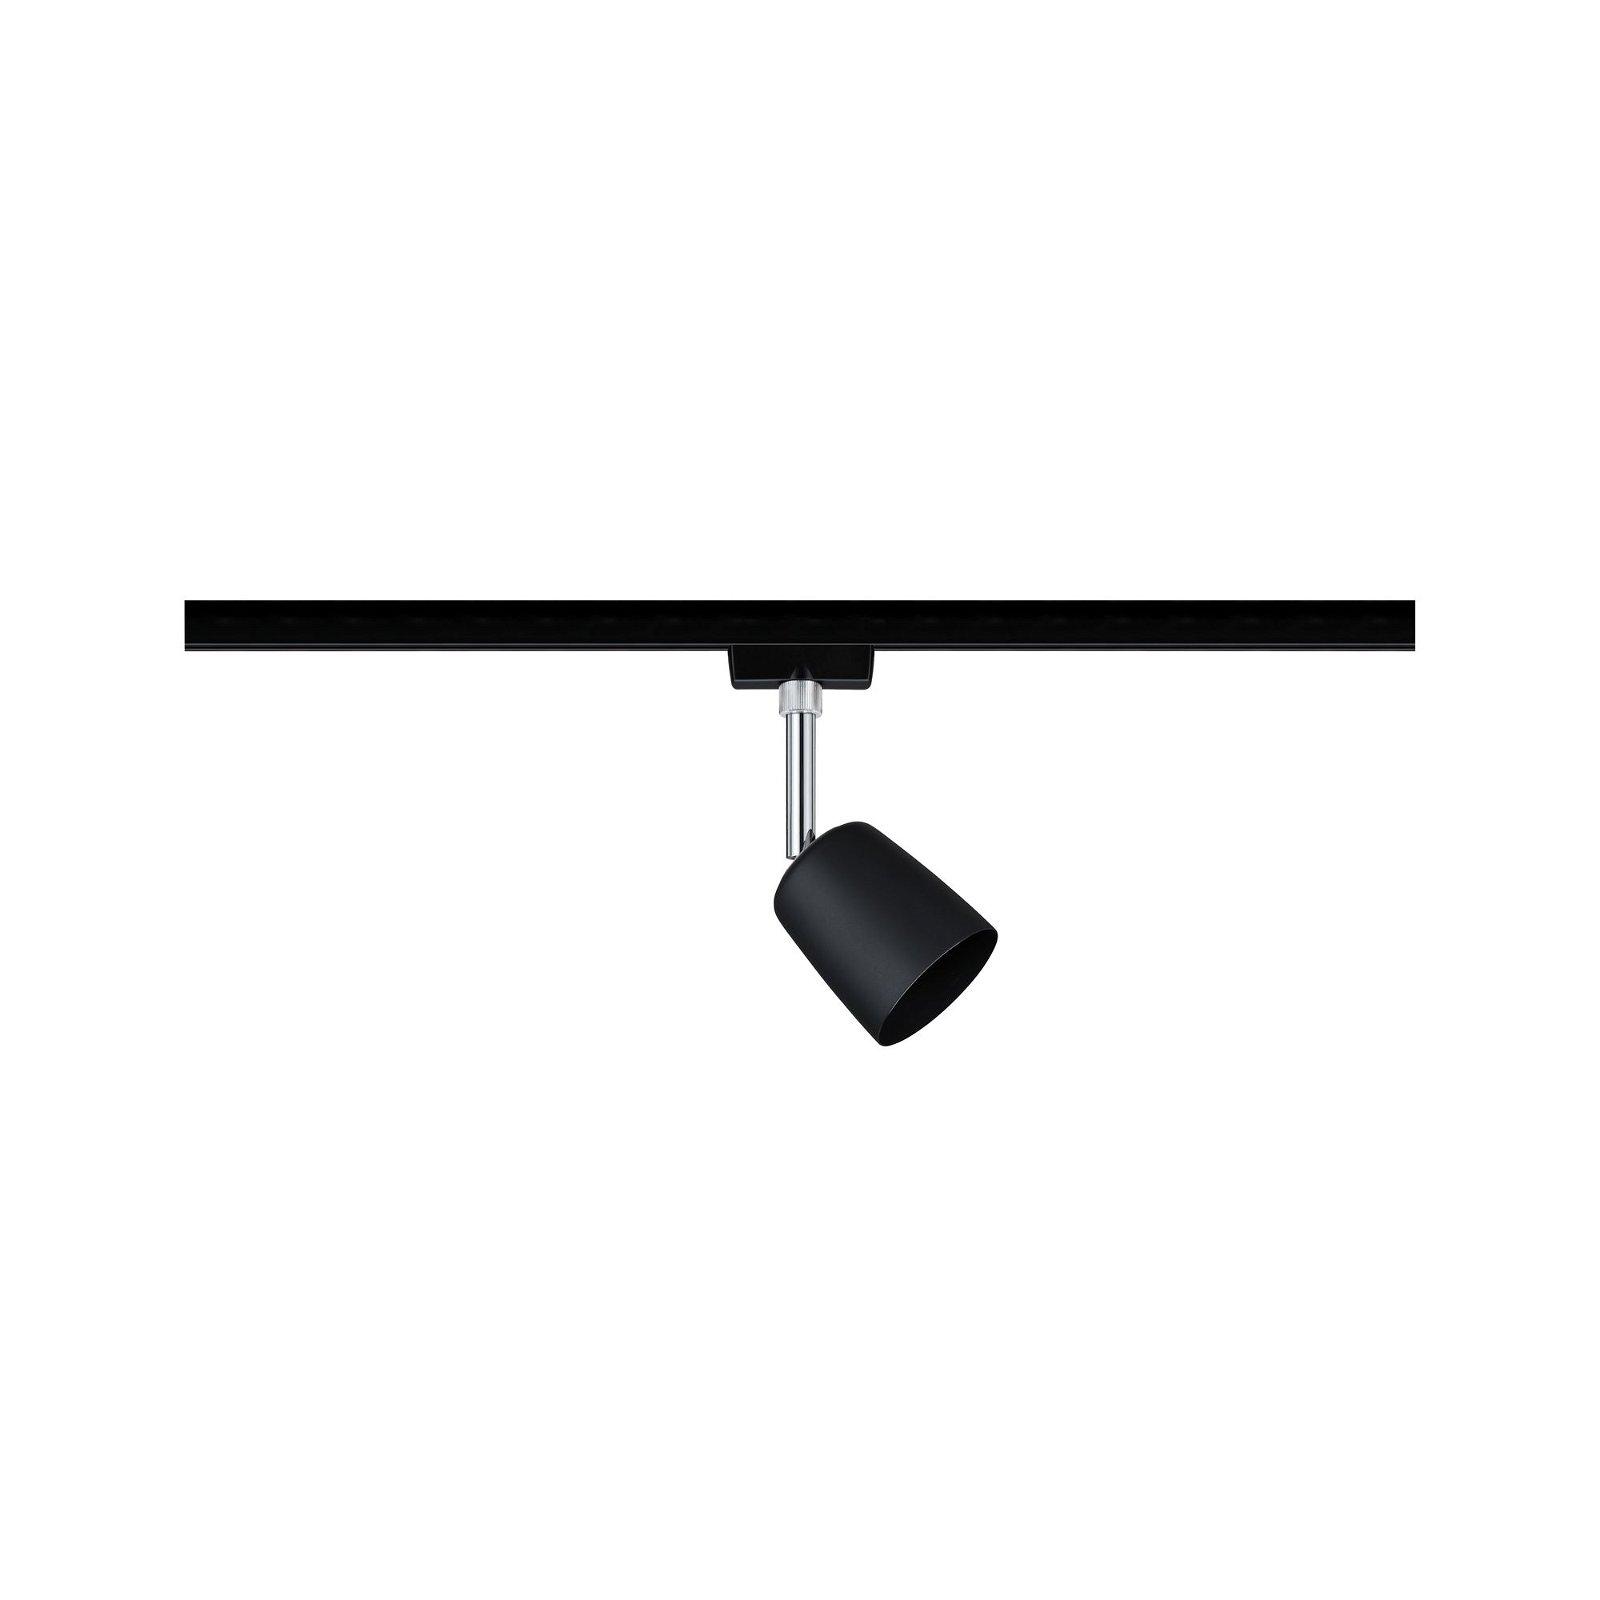 URail Railspot Cover Enkele lamp GU10 max. 10W 230V Zwart mat/Chroom